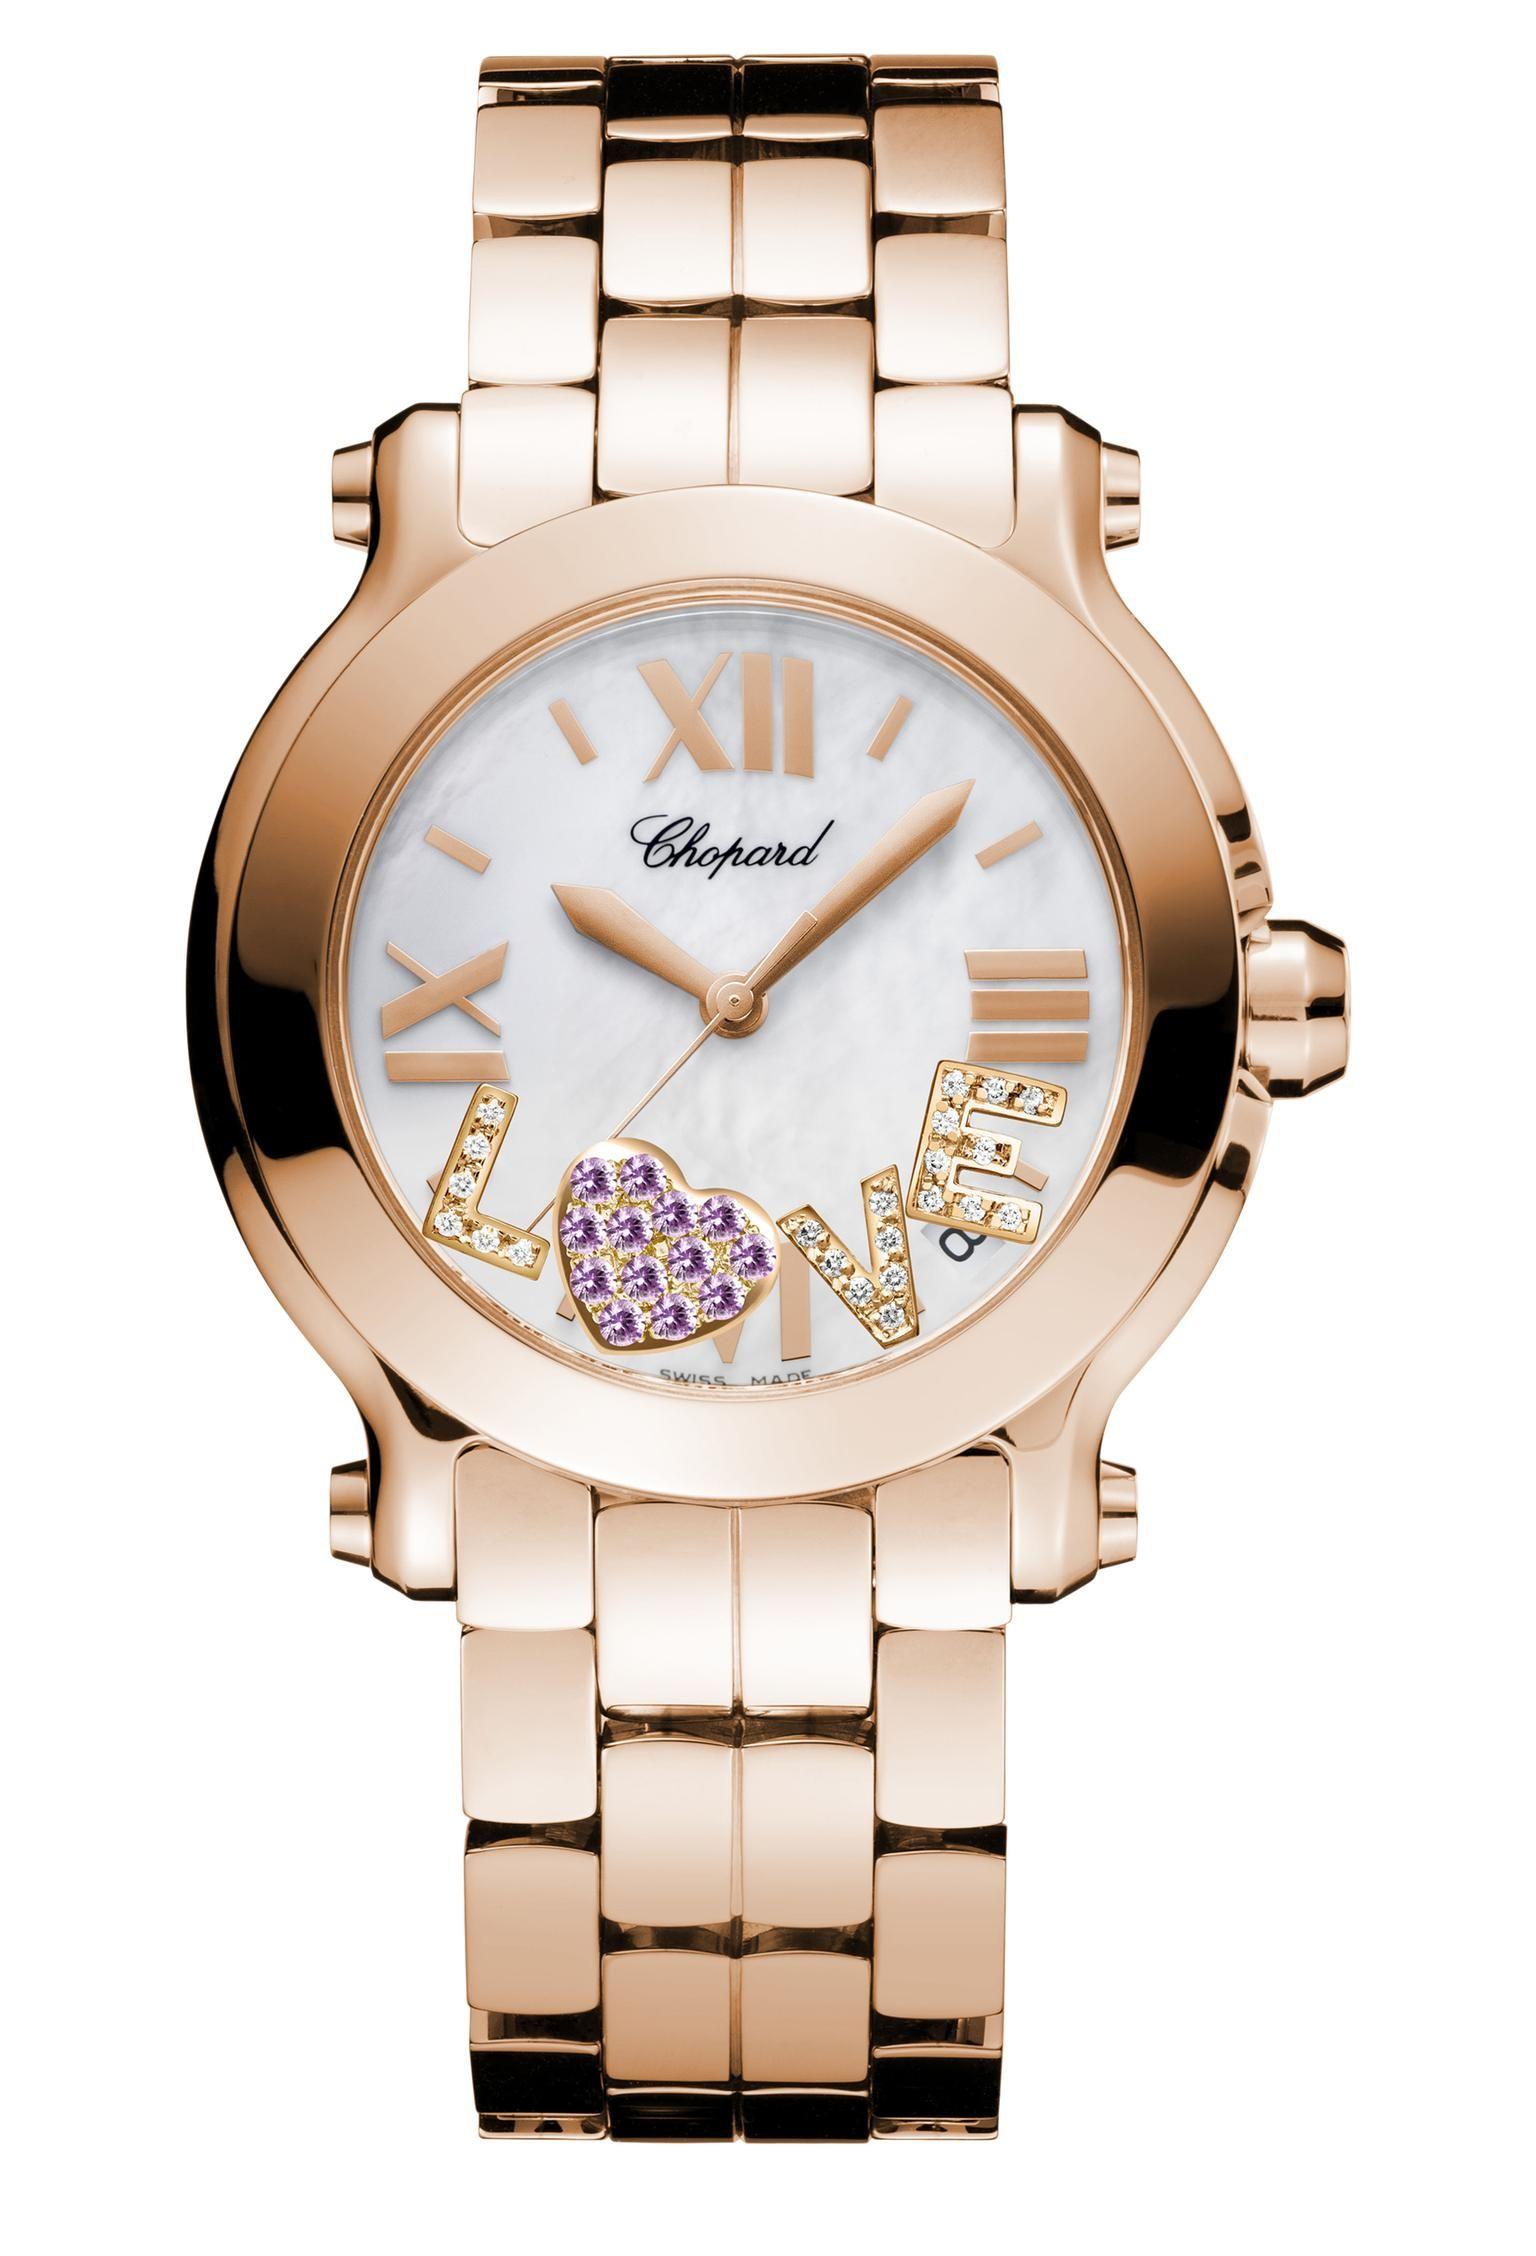 Chopard My Happy watch_20130619_Zoom Gold diamond